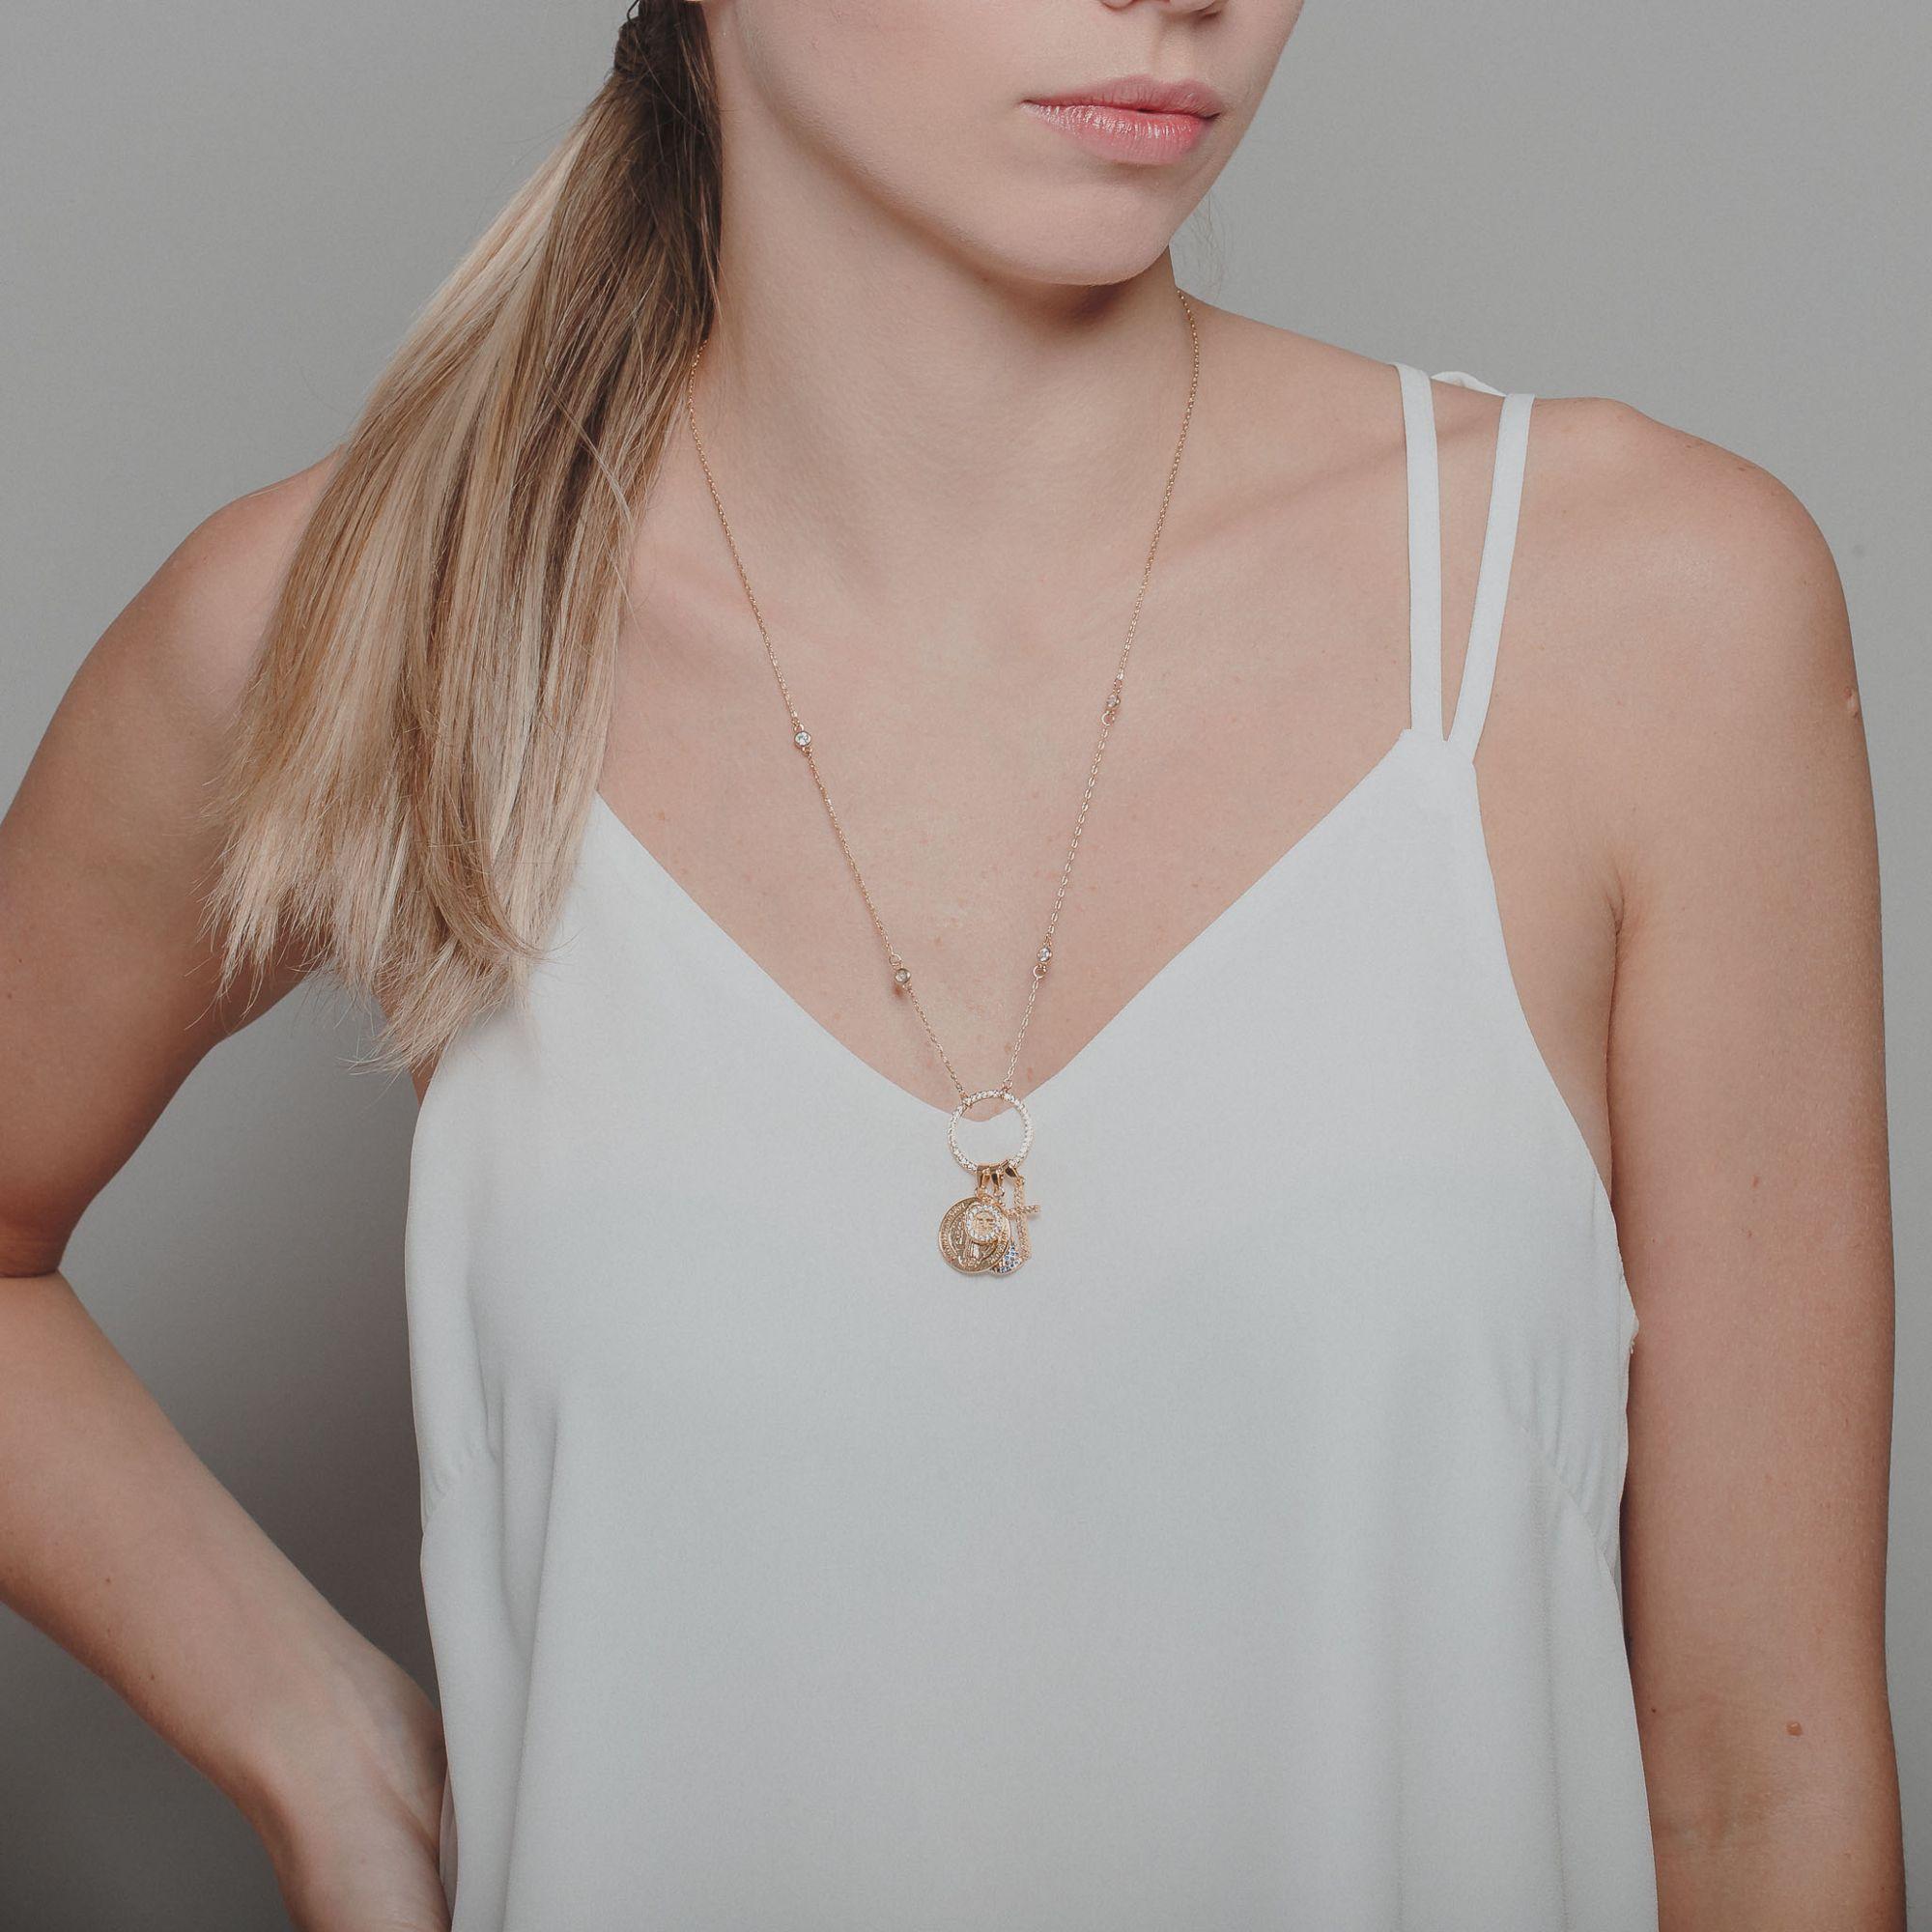 Colar patuá religioso com zircônias cristais e azuis banhado a ouro 18k.  - romabrazil.com.br